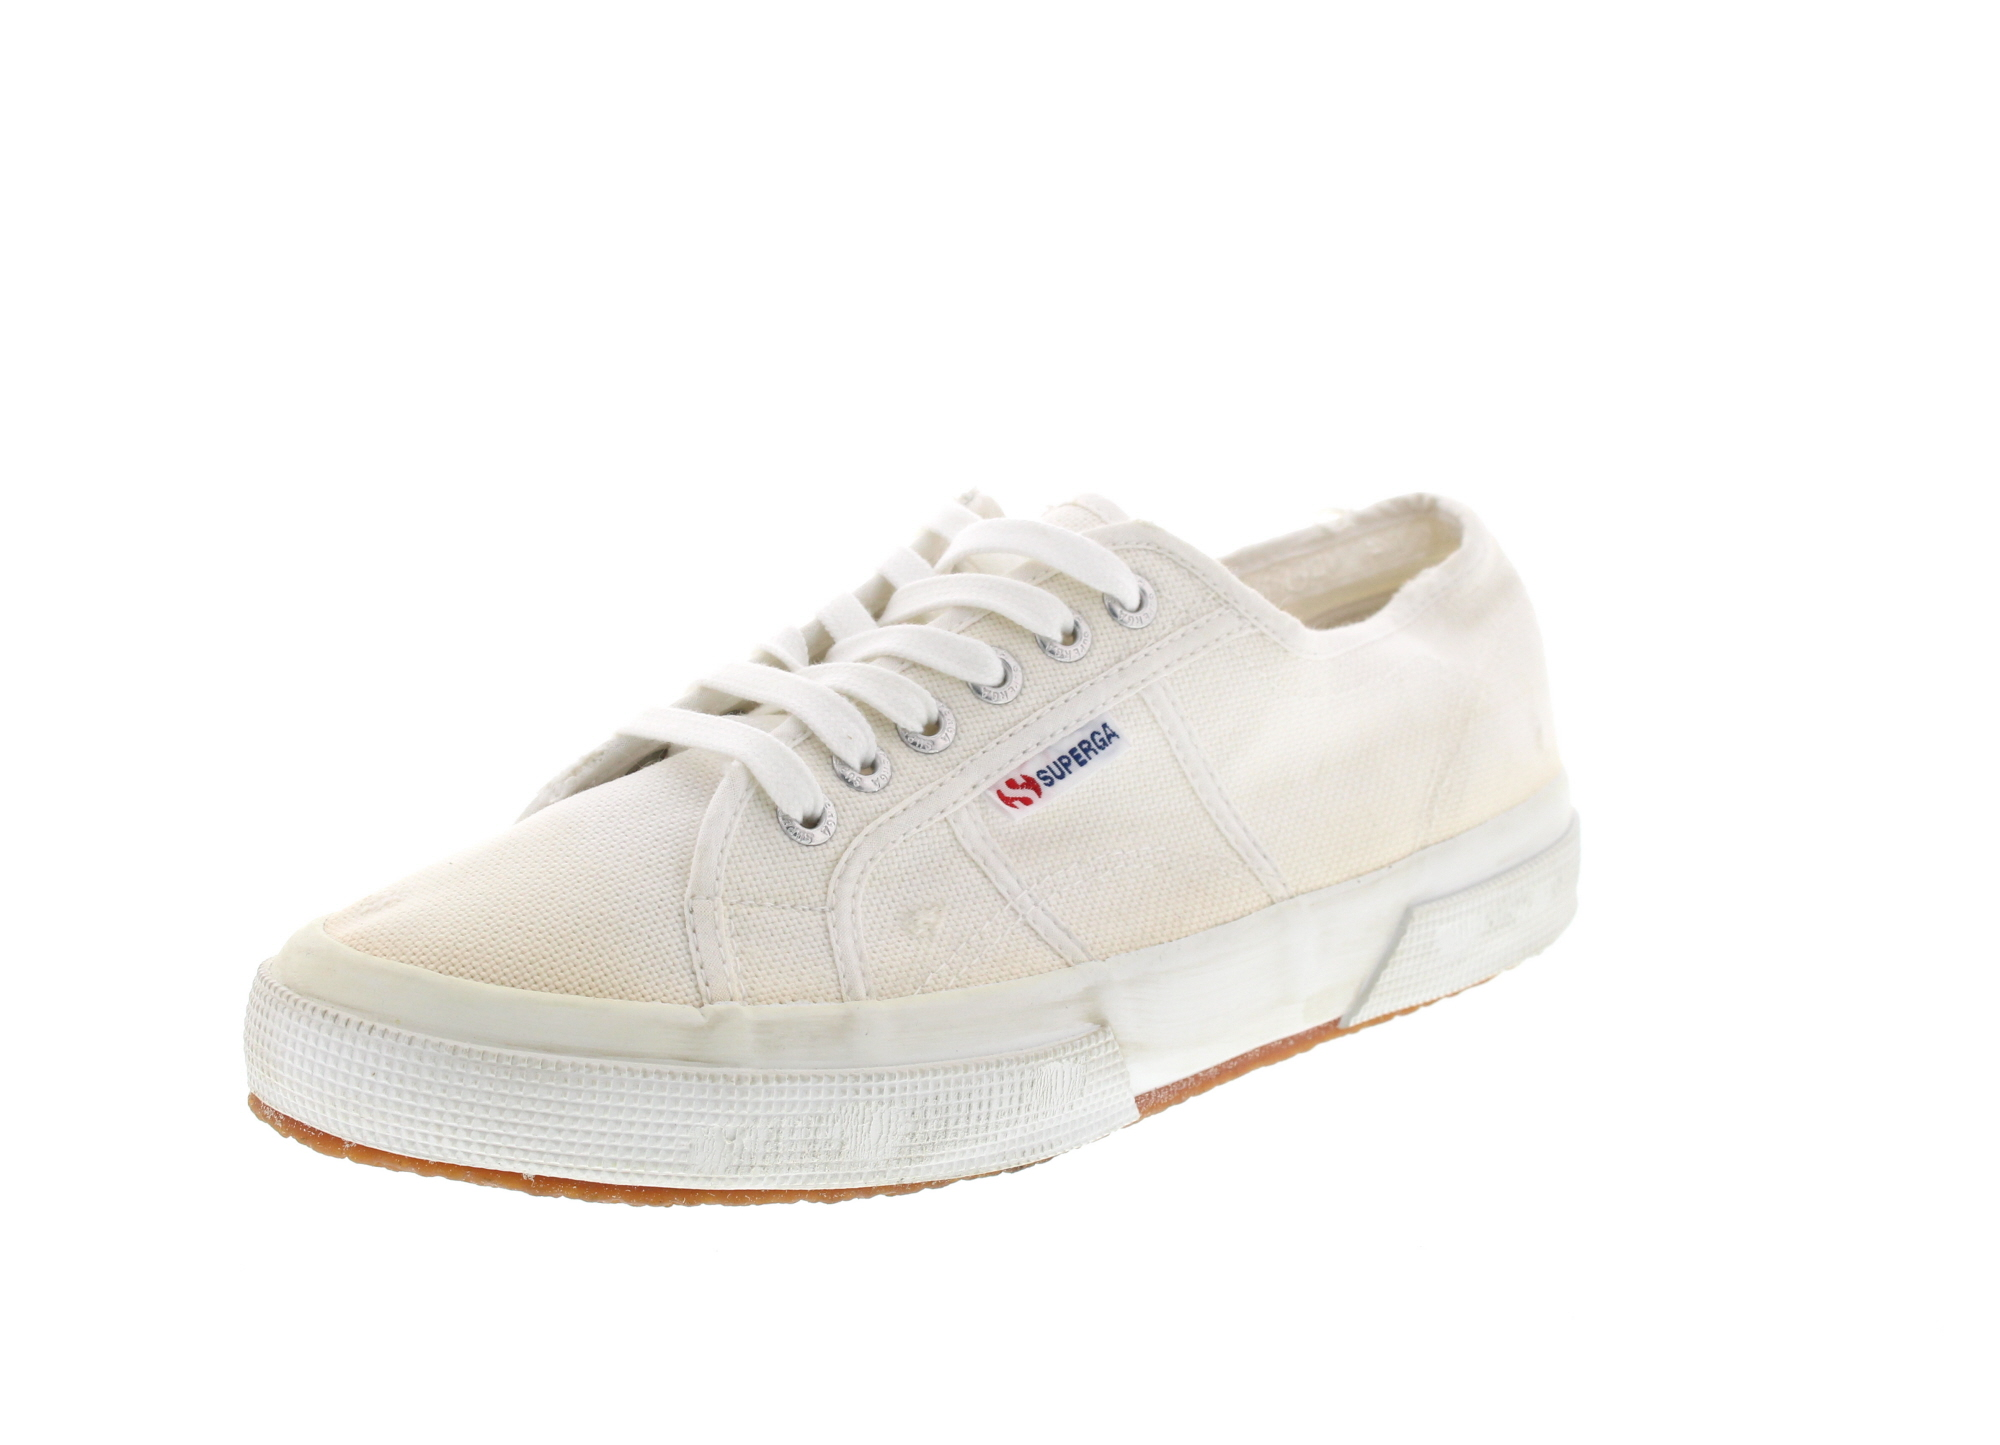 SUPERGA in Übergröße - Sneaker COTUSTONEWASH 2750 white